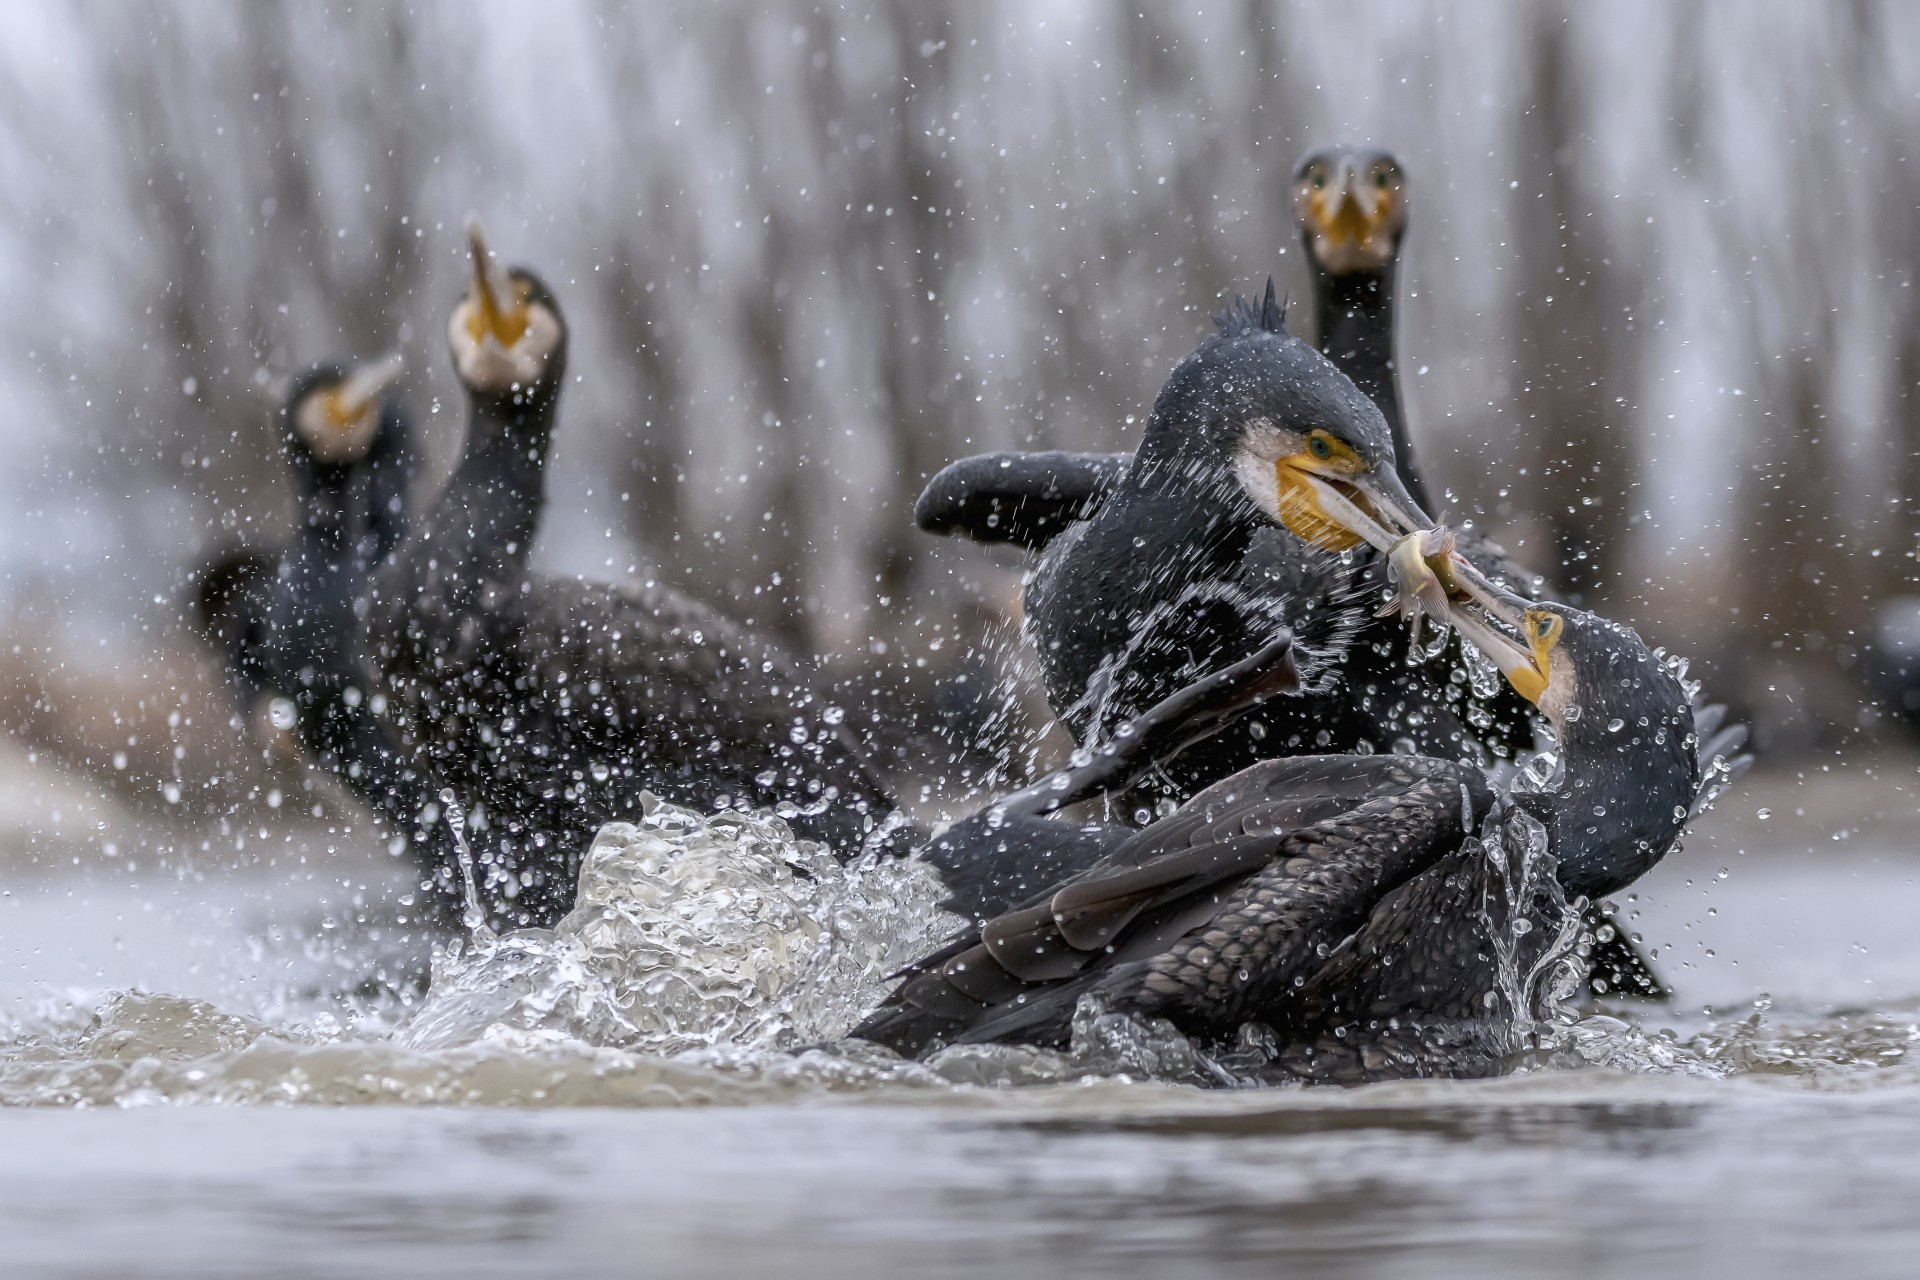 Fotó: Pézsa Sarolta: Halcsata<br />Kategória: A madarak viselkedése<br />Helyezés: 3. díj<br /><br />A kormoránok még a halban bővelkedő vízben is ádáz csatát képesek vívni egy-egy halért, és előszeretettel fosztják meg a másikat a zsákmányától. A kép Pusztaszeren készült március elején, üveges lesből.